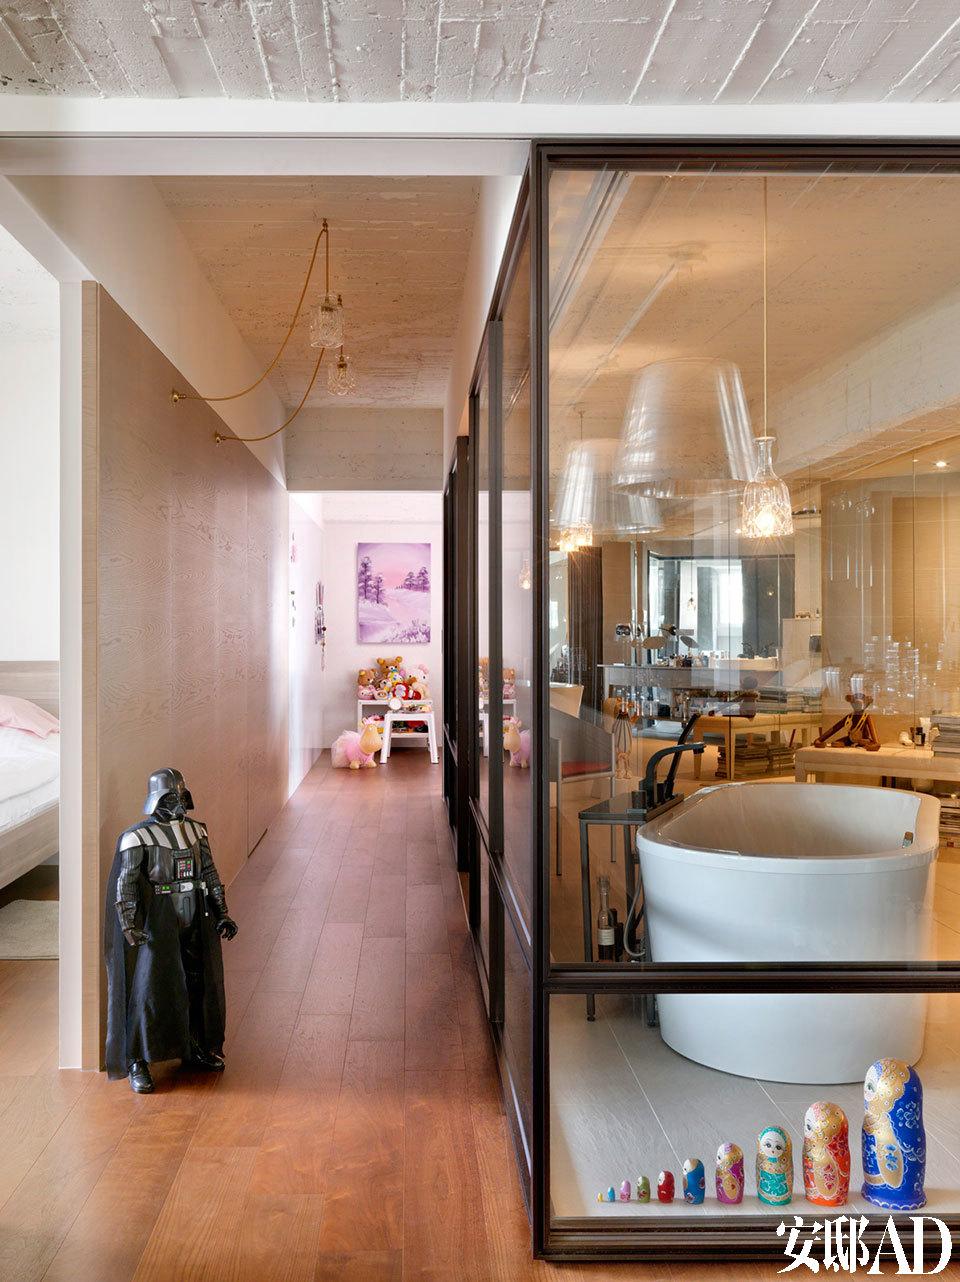 偌大的透明玻璃浴室竟有45平方米!不但能看到阳台上的花影,更能远眺到台北101的轮廓。走廊没有太多的装饰,3个房间的门皆隐藏于墙面中,使空间更纯粹。